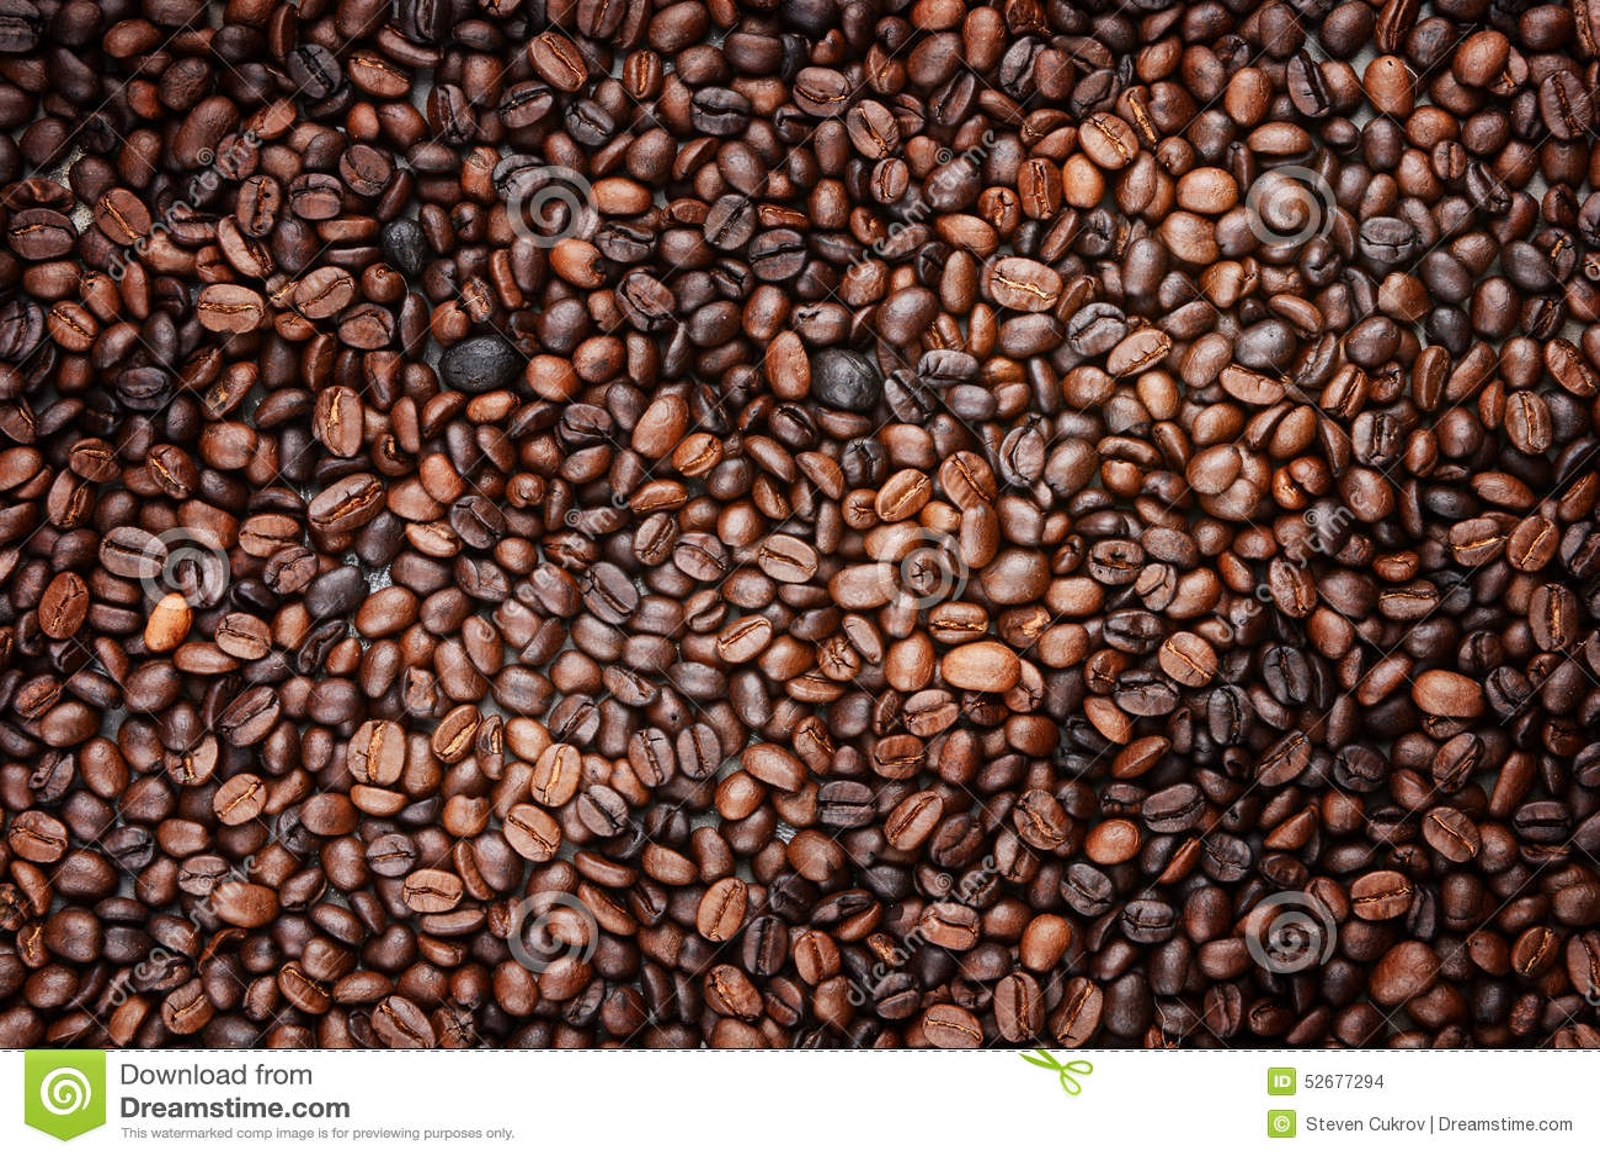 Kaffeebohnen, Die Rahmen Füllen Stockfoto - Bild von morgen, studio ...